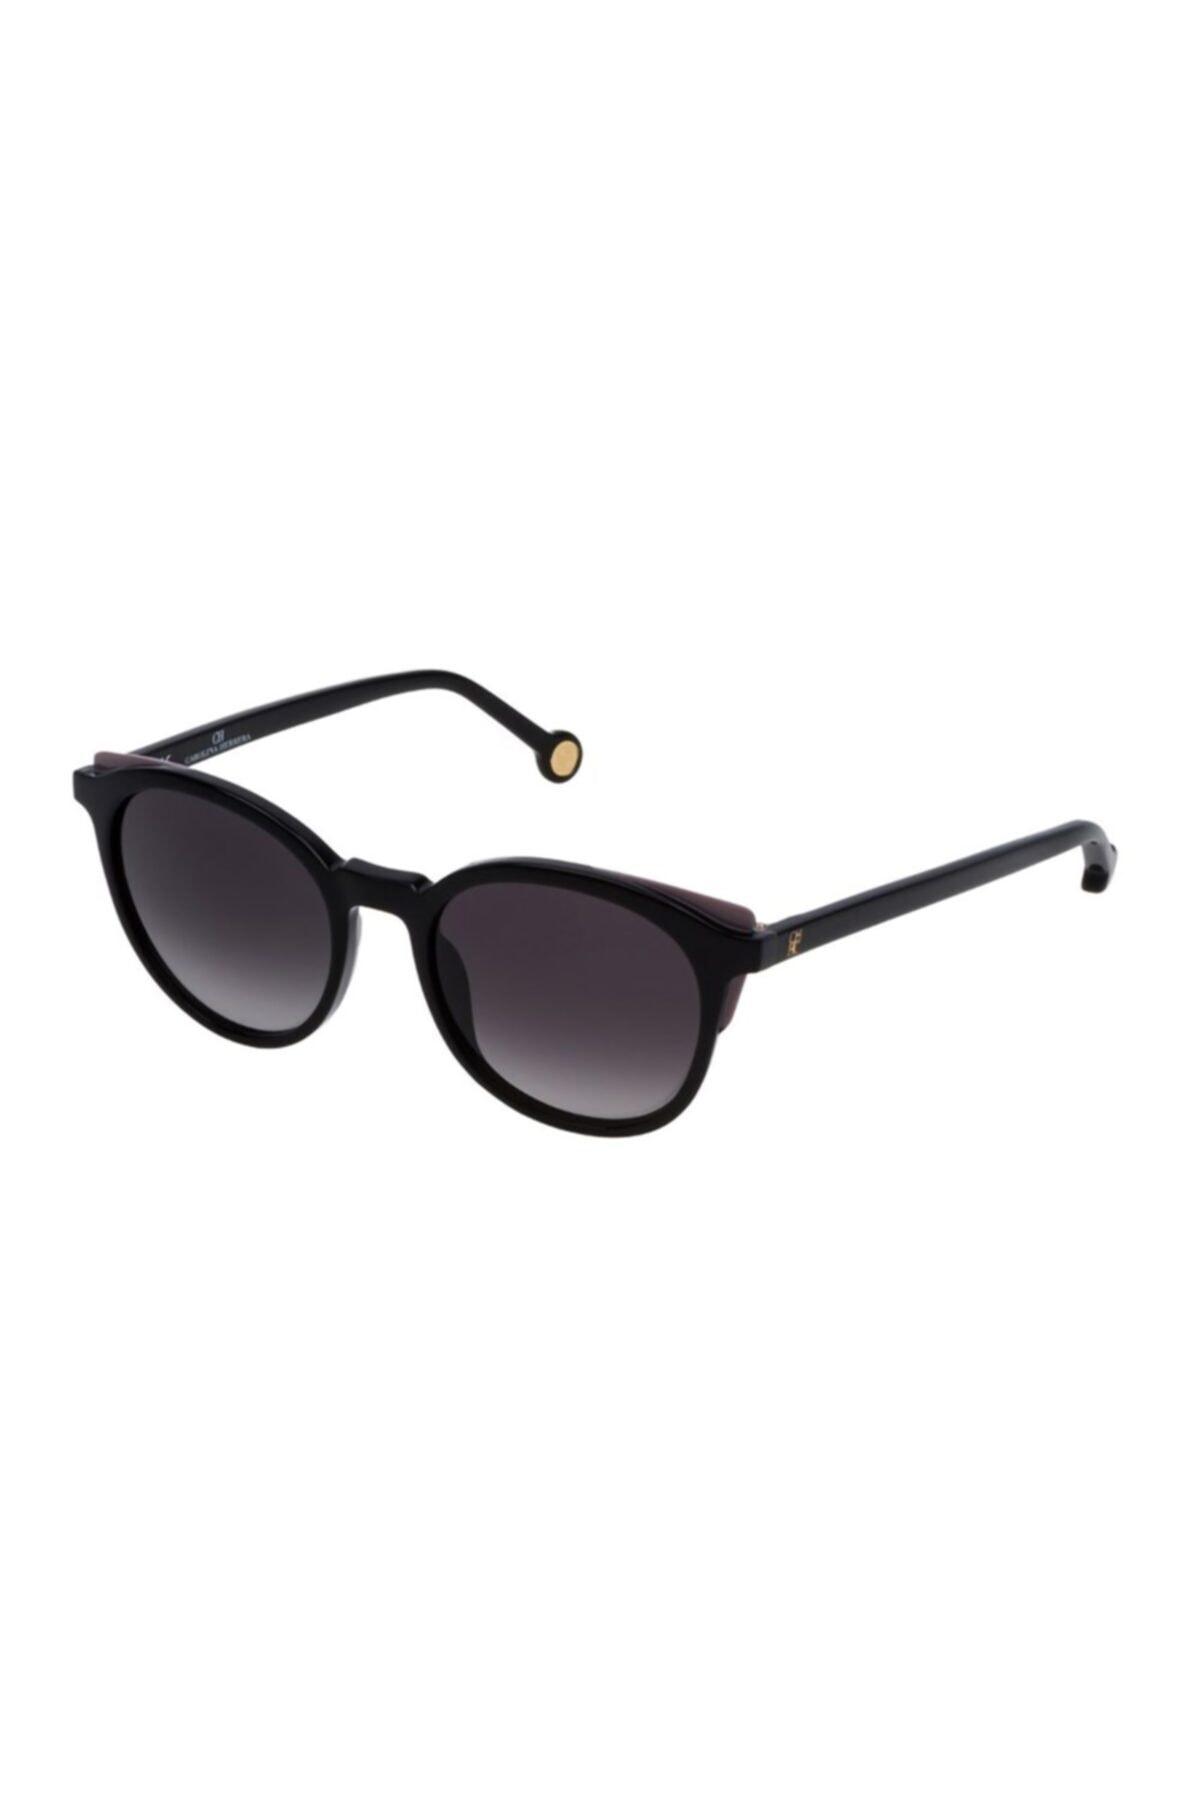 عینک آفتابی زنانه خاص برند Carolina Herrera رنگ مشکی کد ty67943528